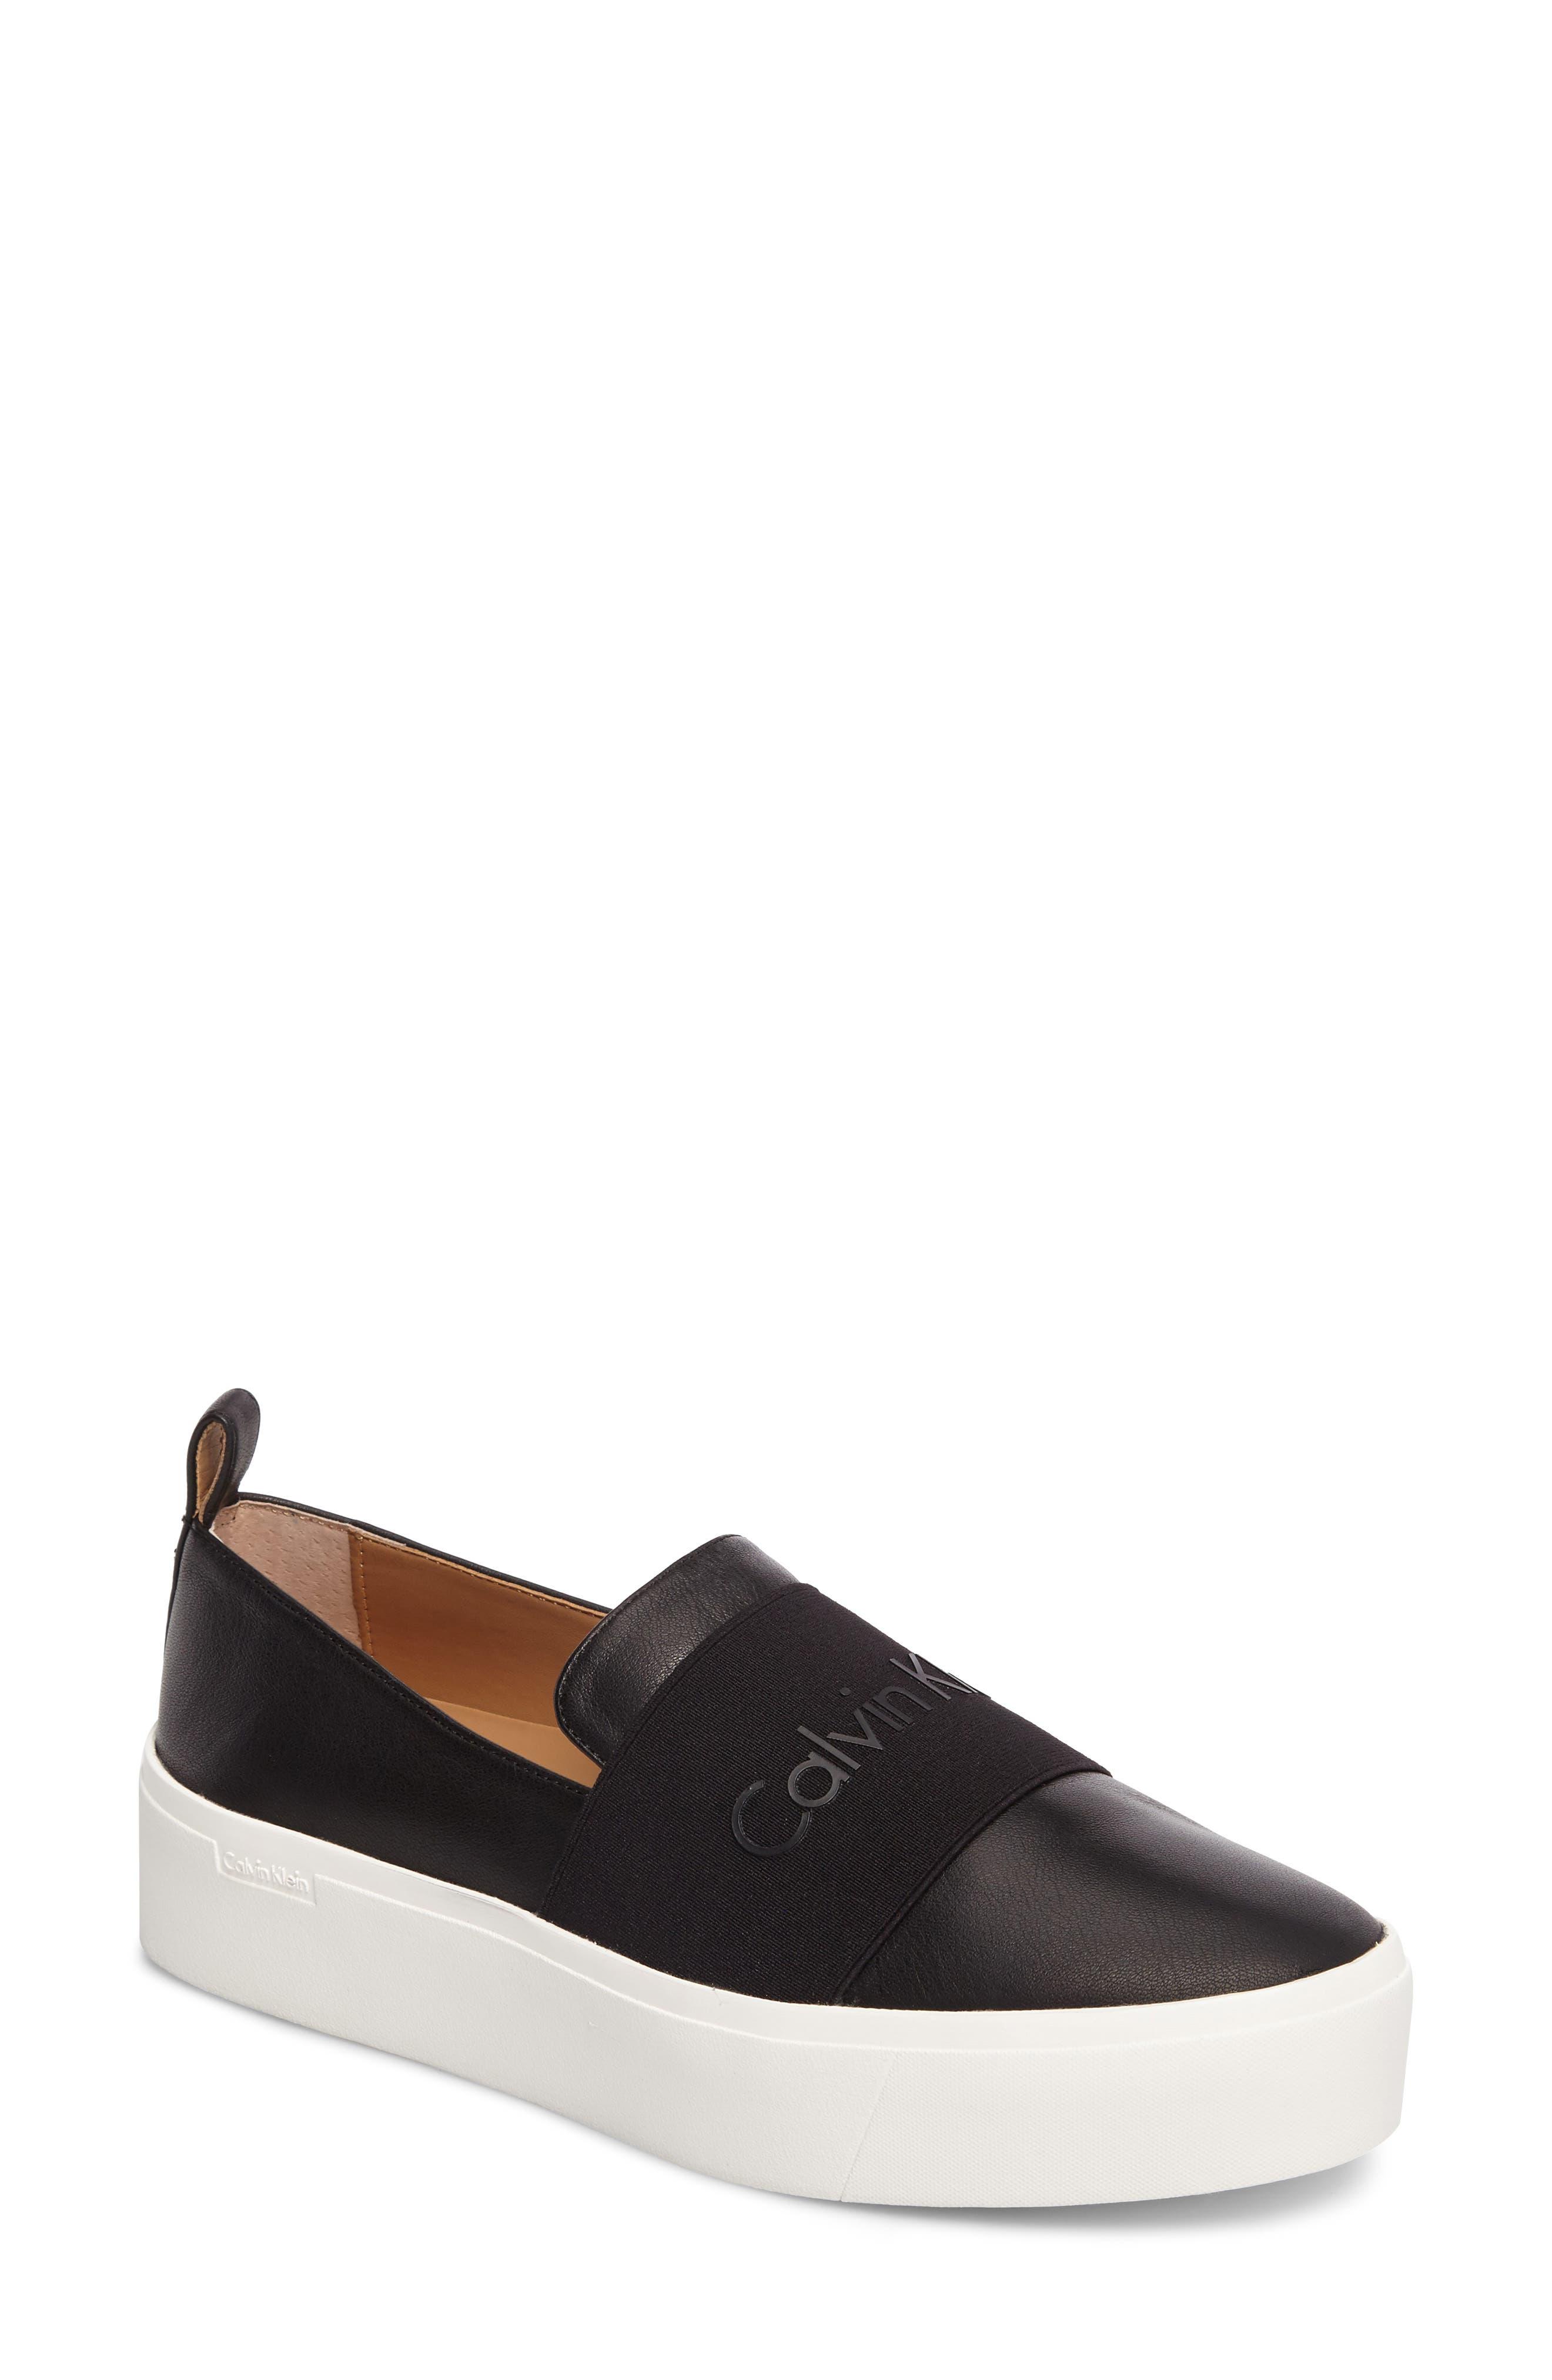 Jacinta Platform Sneaker,                         Main,                         color,